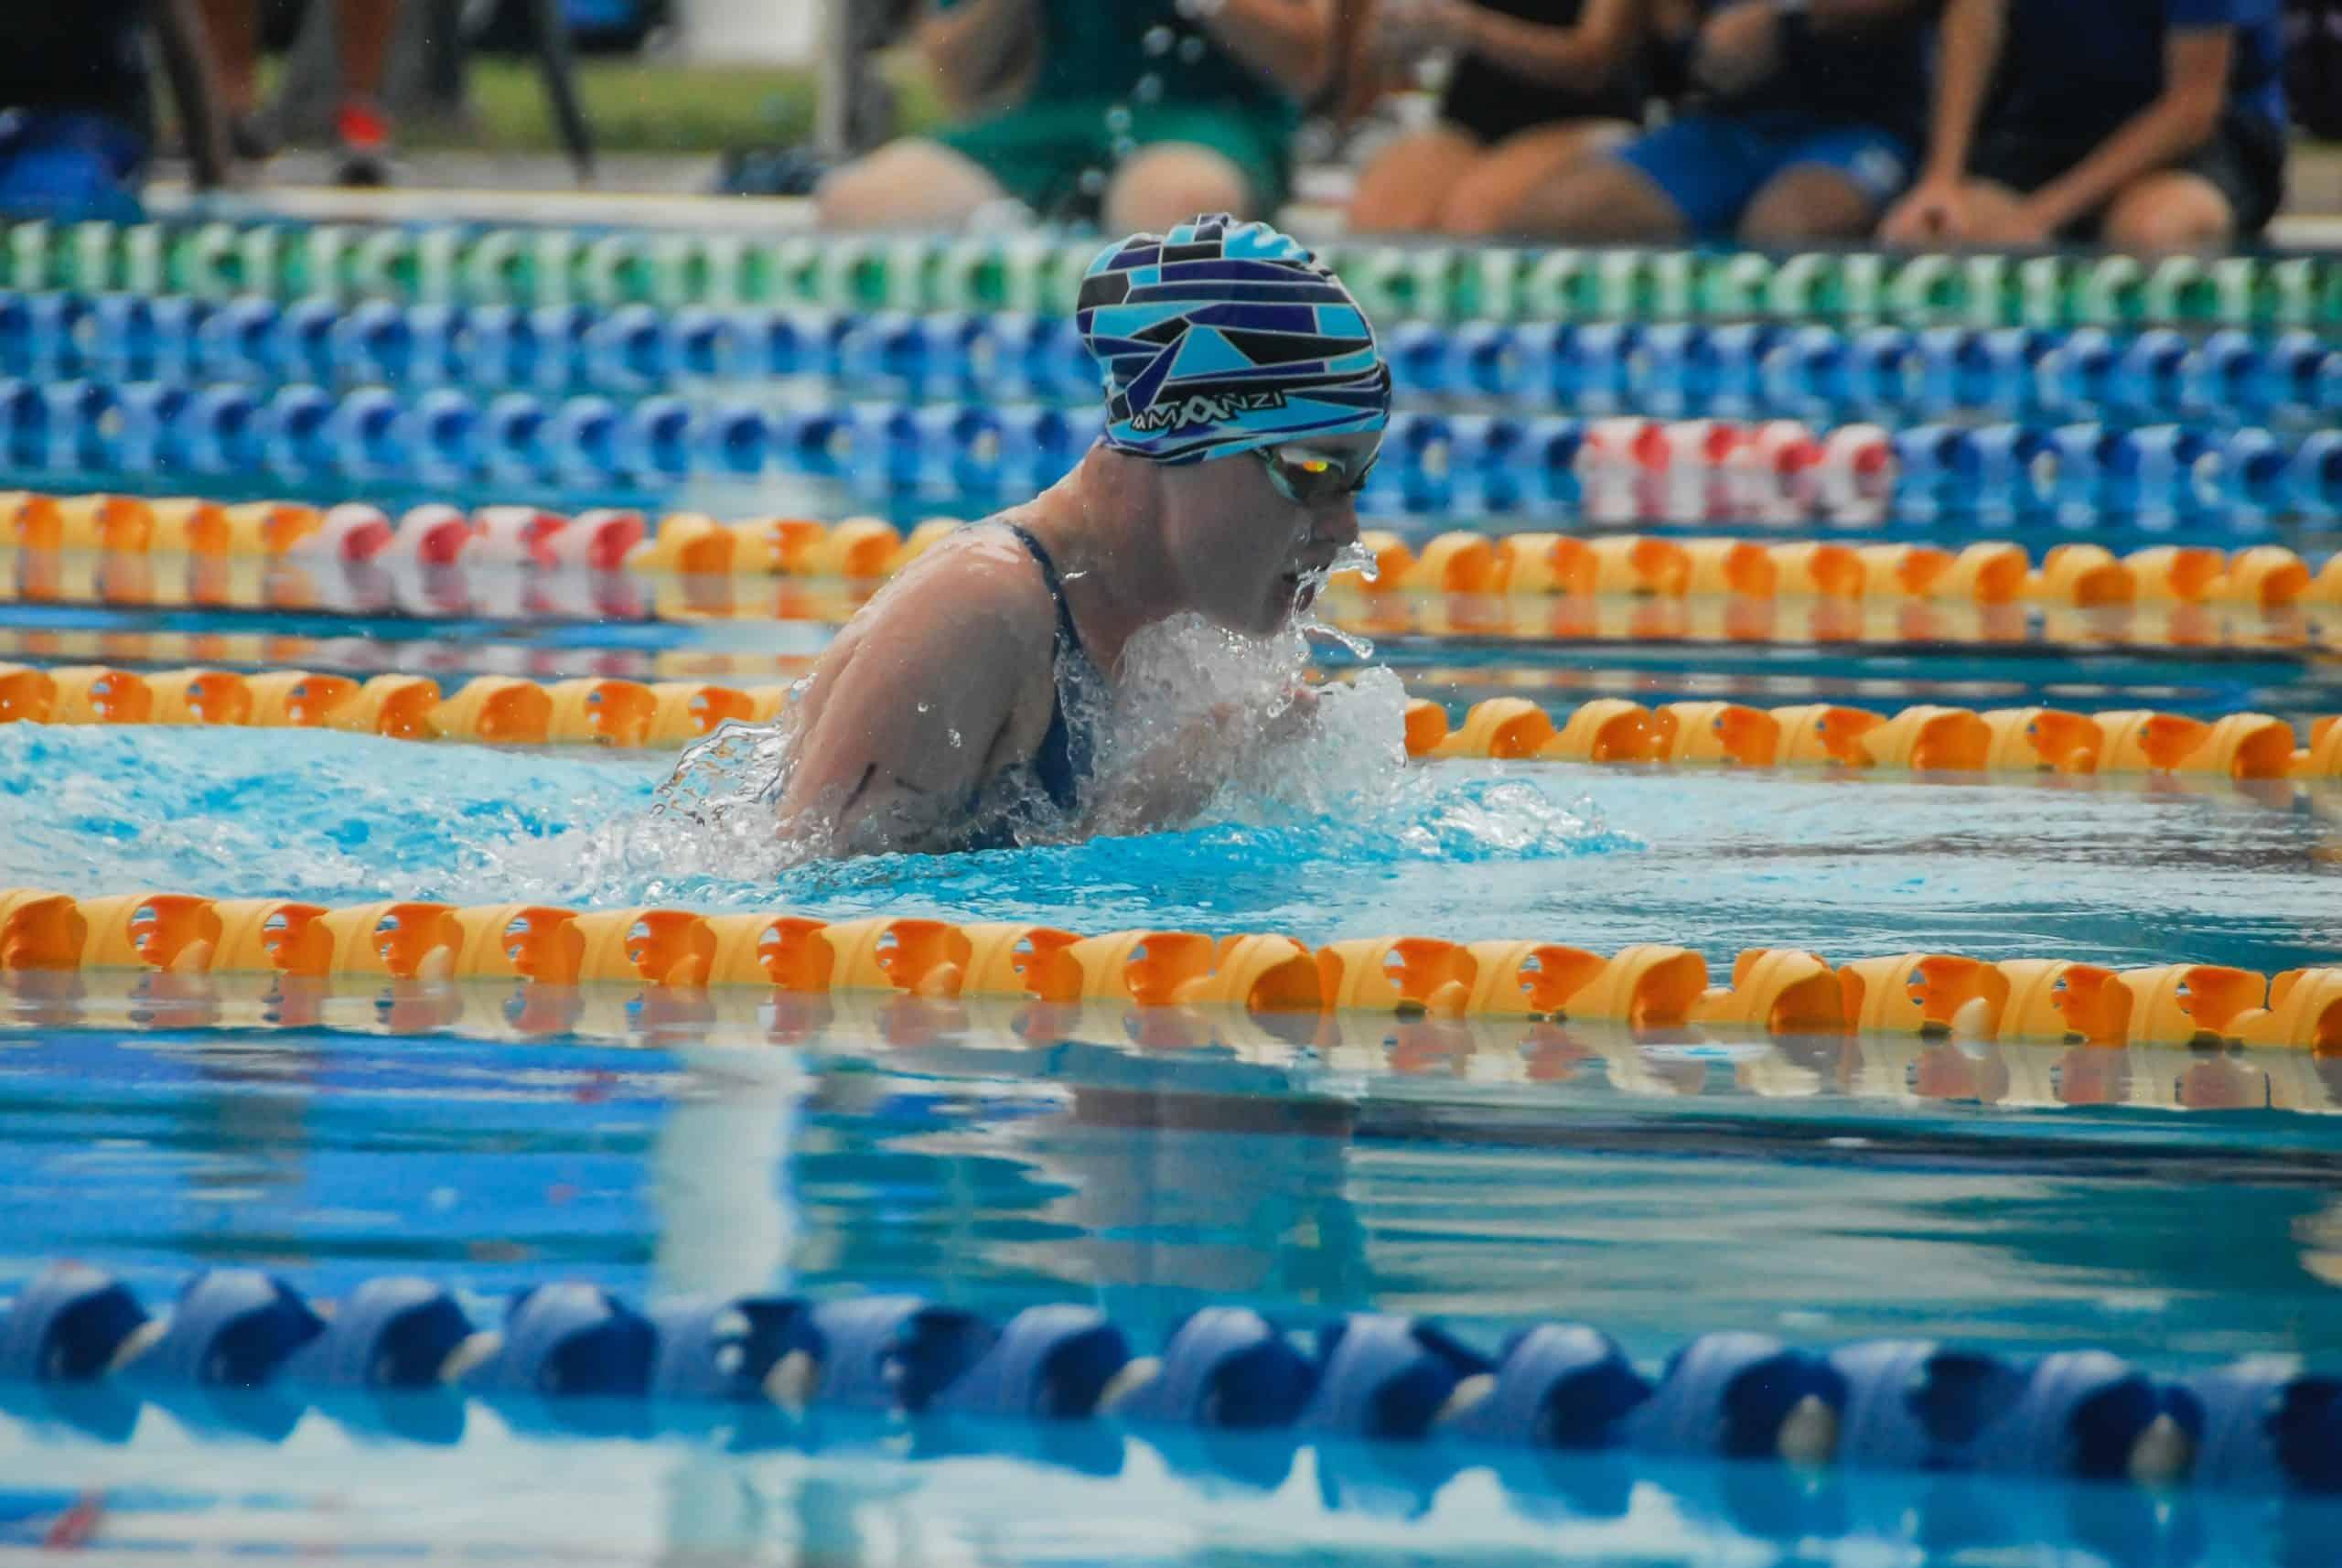 lunettes de natation pendant la nage